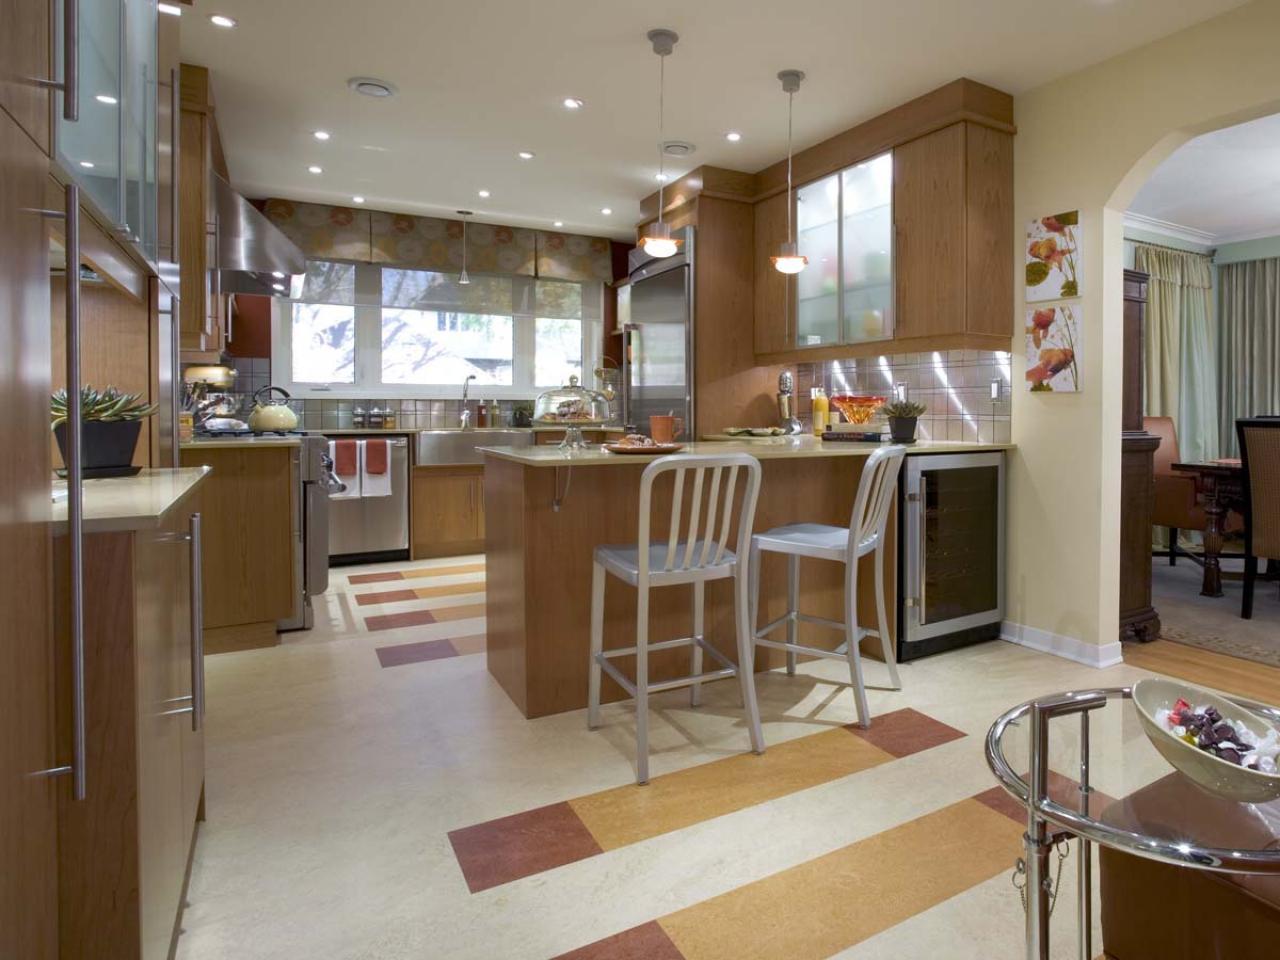 Divine design kitchen ideas | Hawk Haven